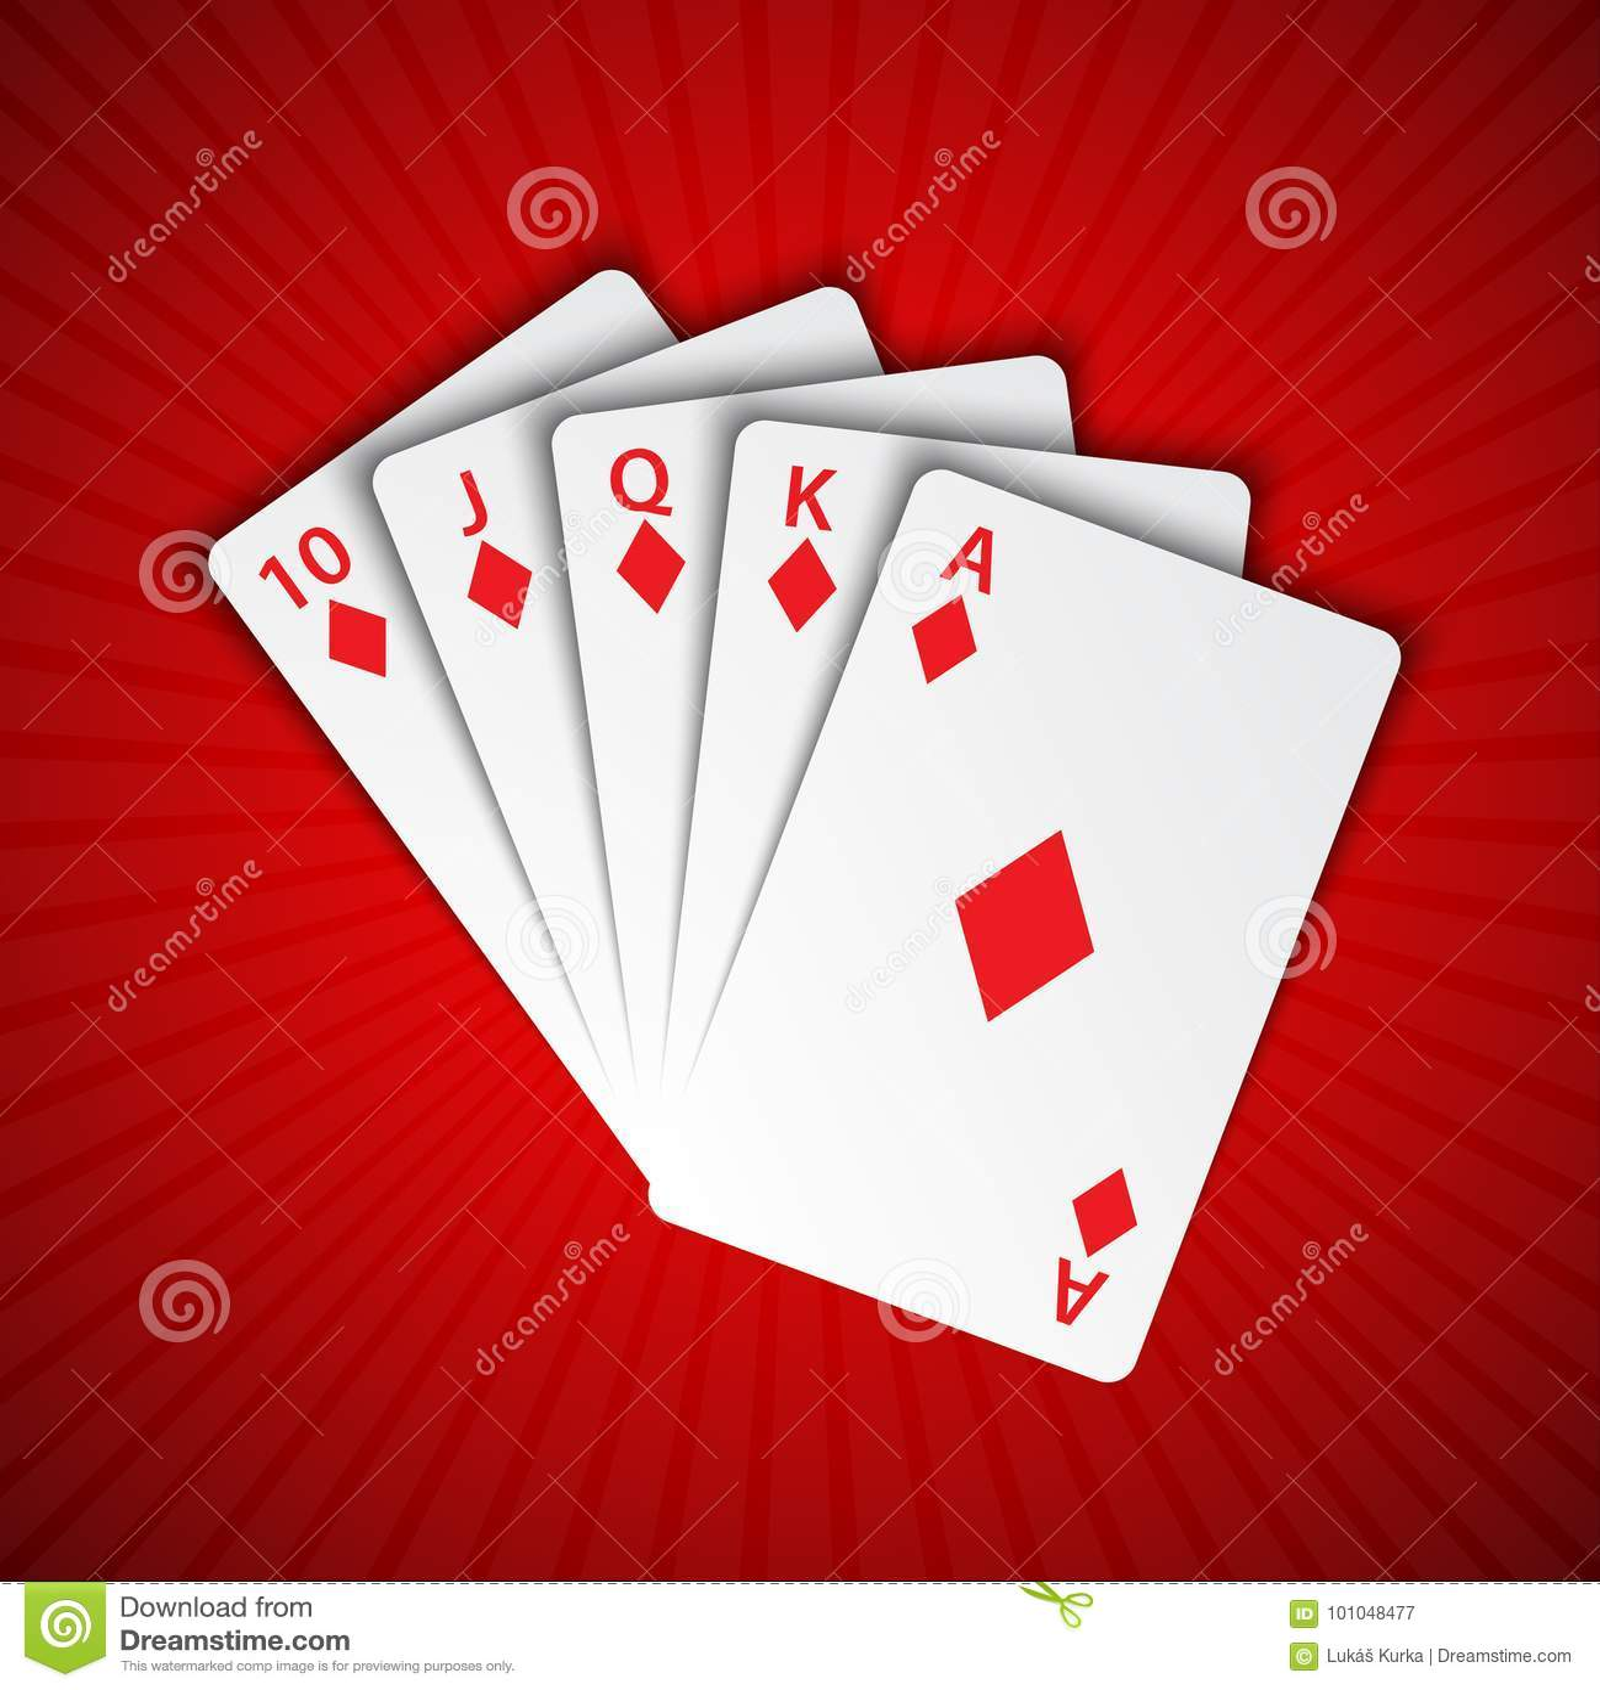 Królewski sekwens diamenty na czerwonym tle, wygrywa ręki